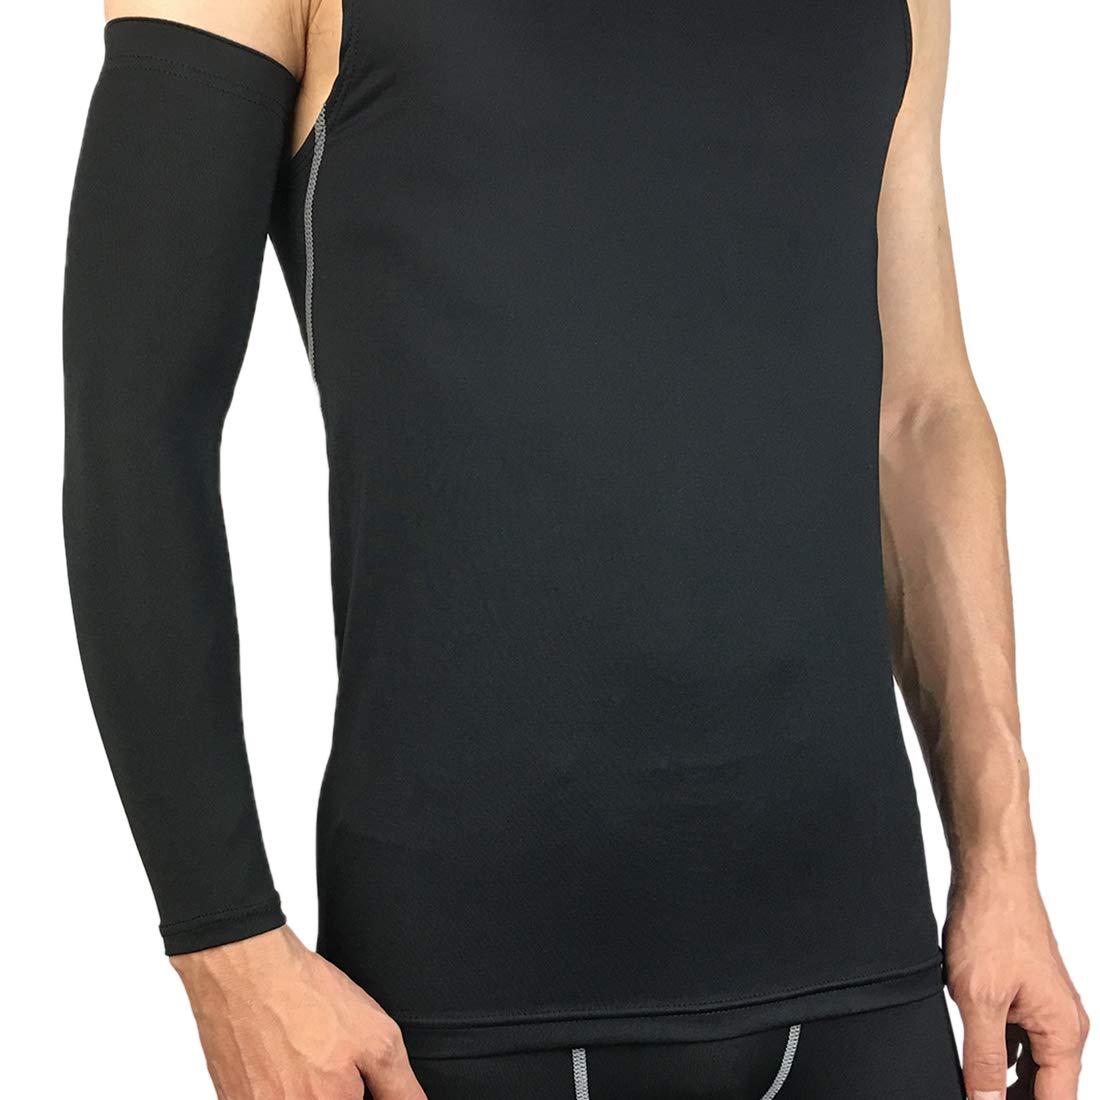 wenyujh Manche de Bras Manchon de Compression pour Sports Homme Unisexe Cover Anti-UV Protection Cyclisme Fitness Alpinisme